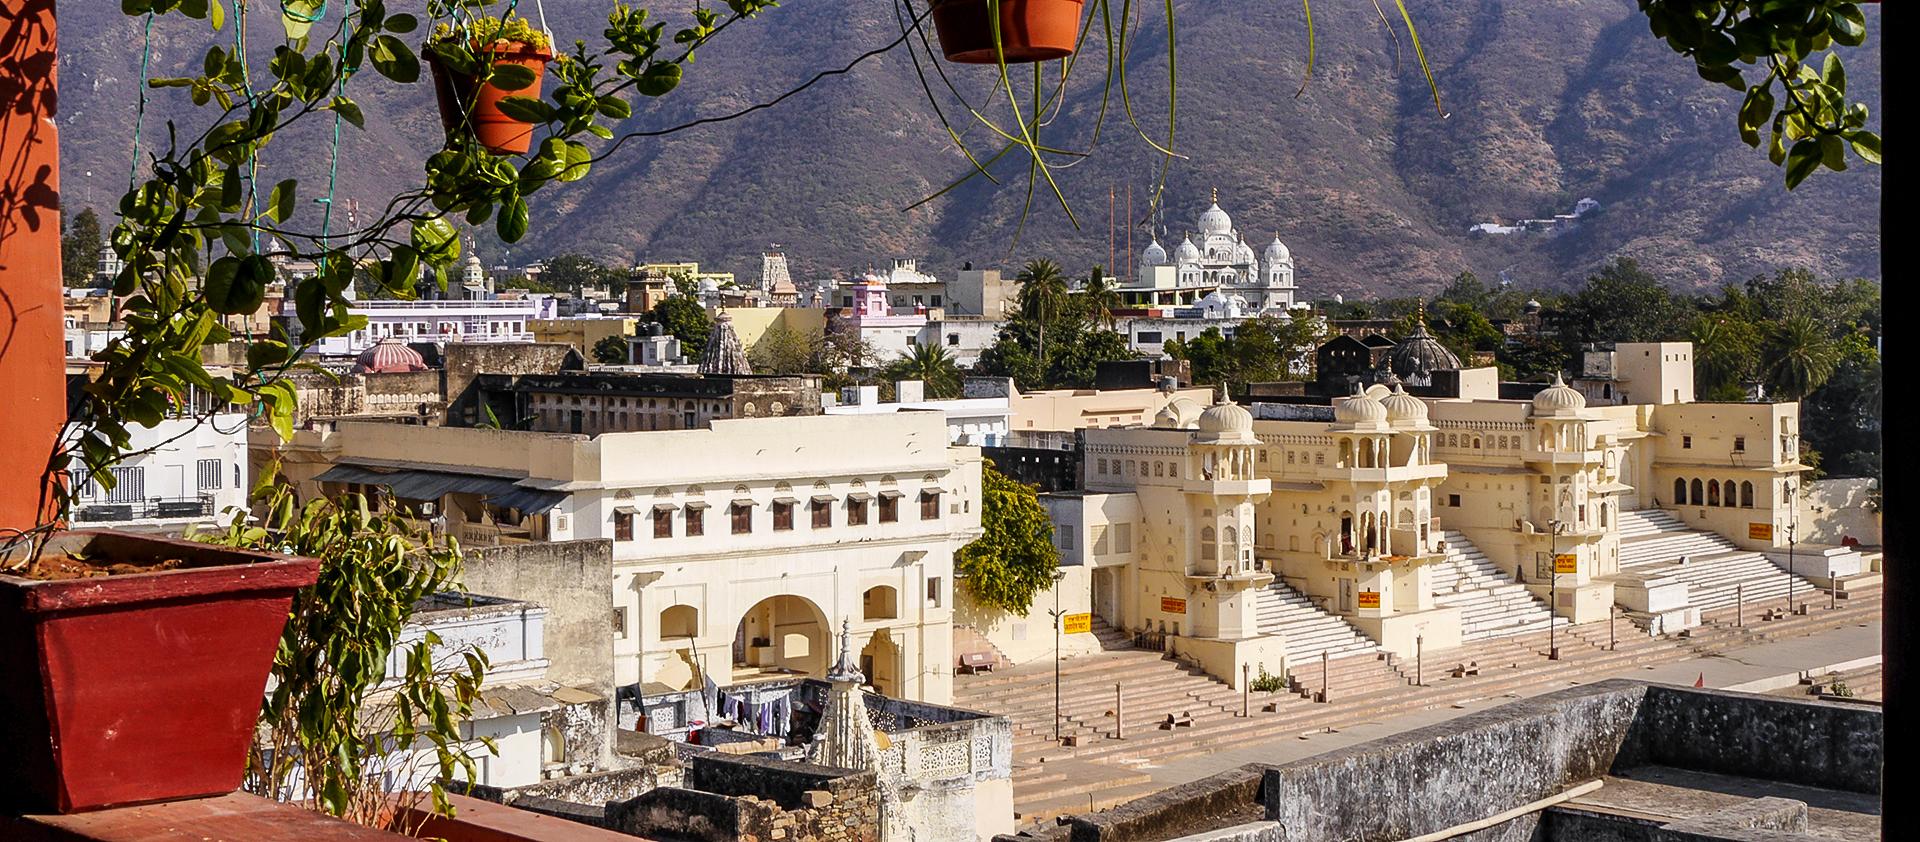 Reisen wie die Maharadschas in Rajasthan